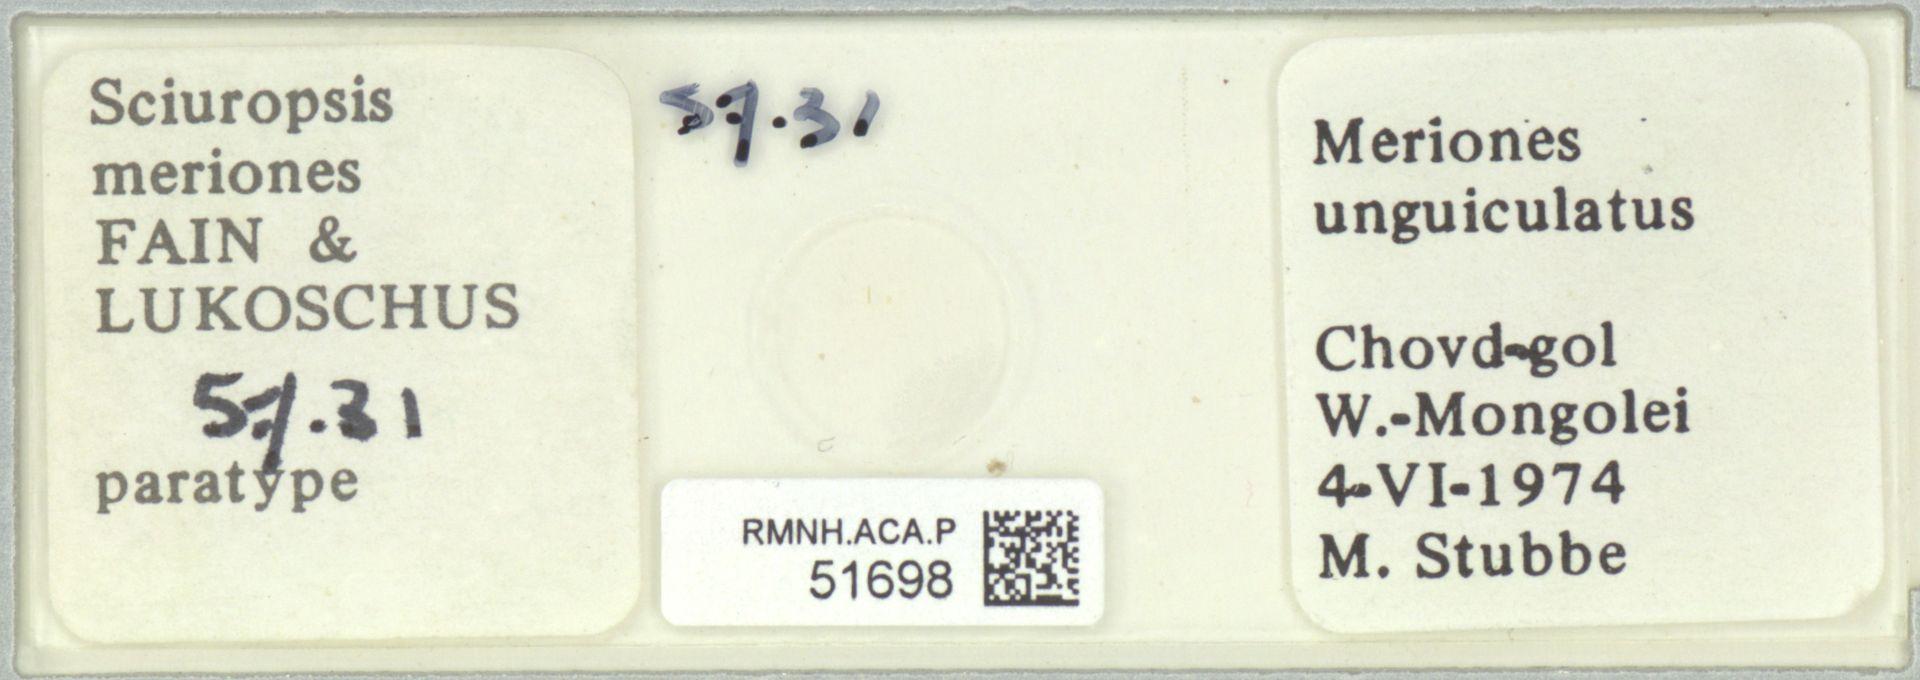 RMNH.ACA.P.51698   Sciuropsis meriones Fain & Lukoschus